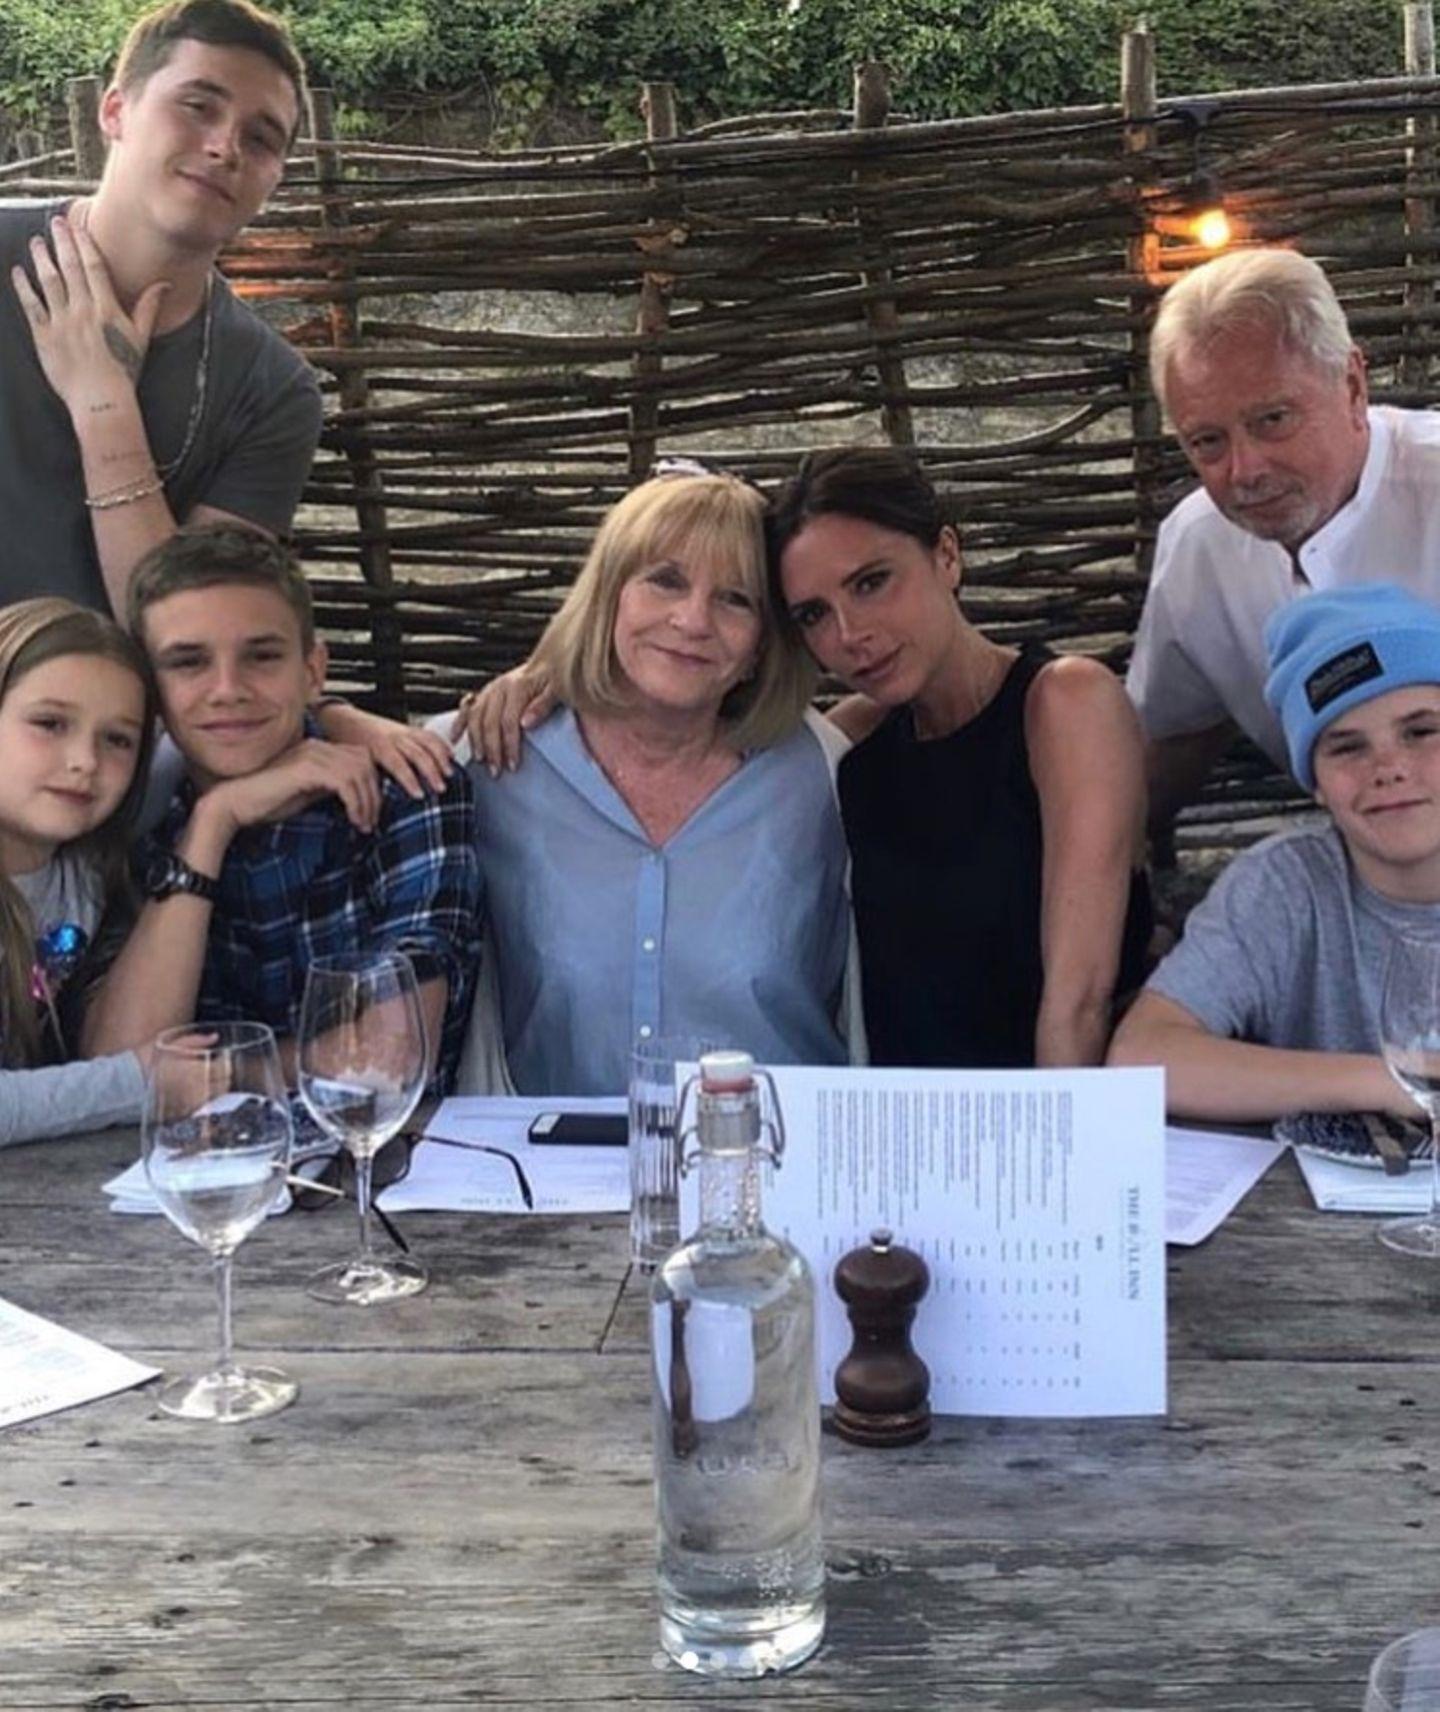 Zum Muttertag posiert die Familie für ein tolles Gruppenfoto. Mitten drin, die tollen MütterJackie Adams und ihre Tochter Victoria Beckham.